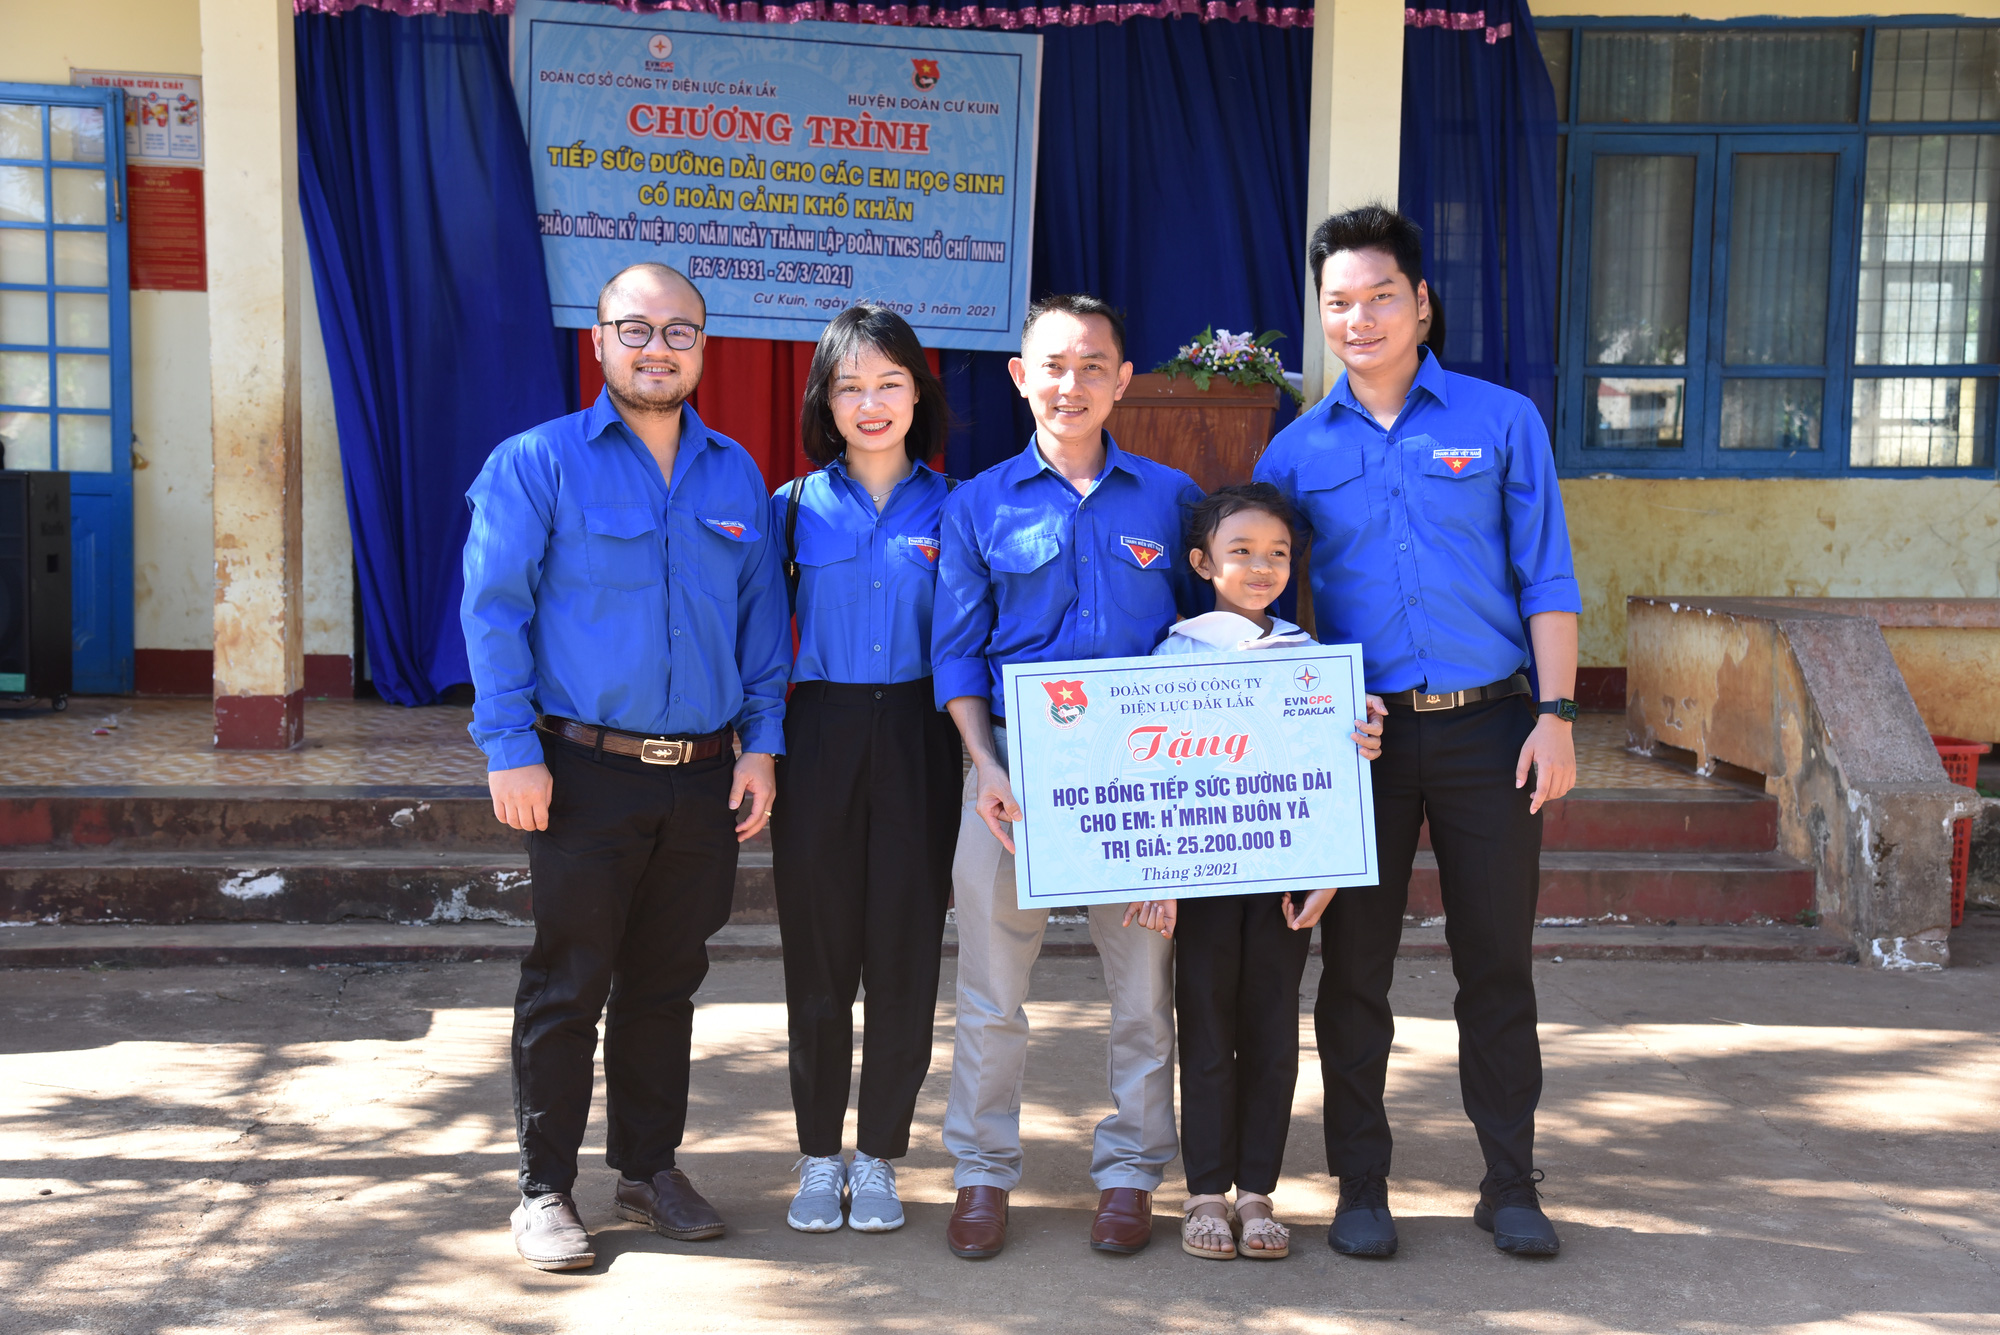 Đoàn cơ sở PC Đắk Lắk tổ chức chương trình Tiếp sức đường dài  - Ảnh 1.